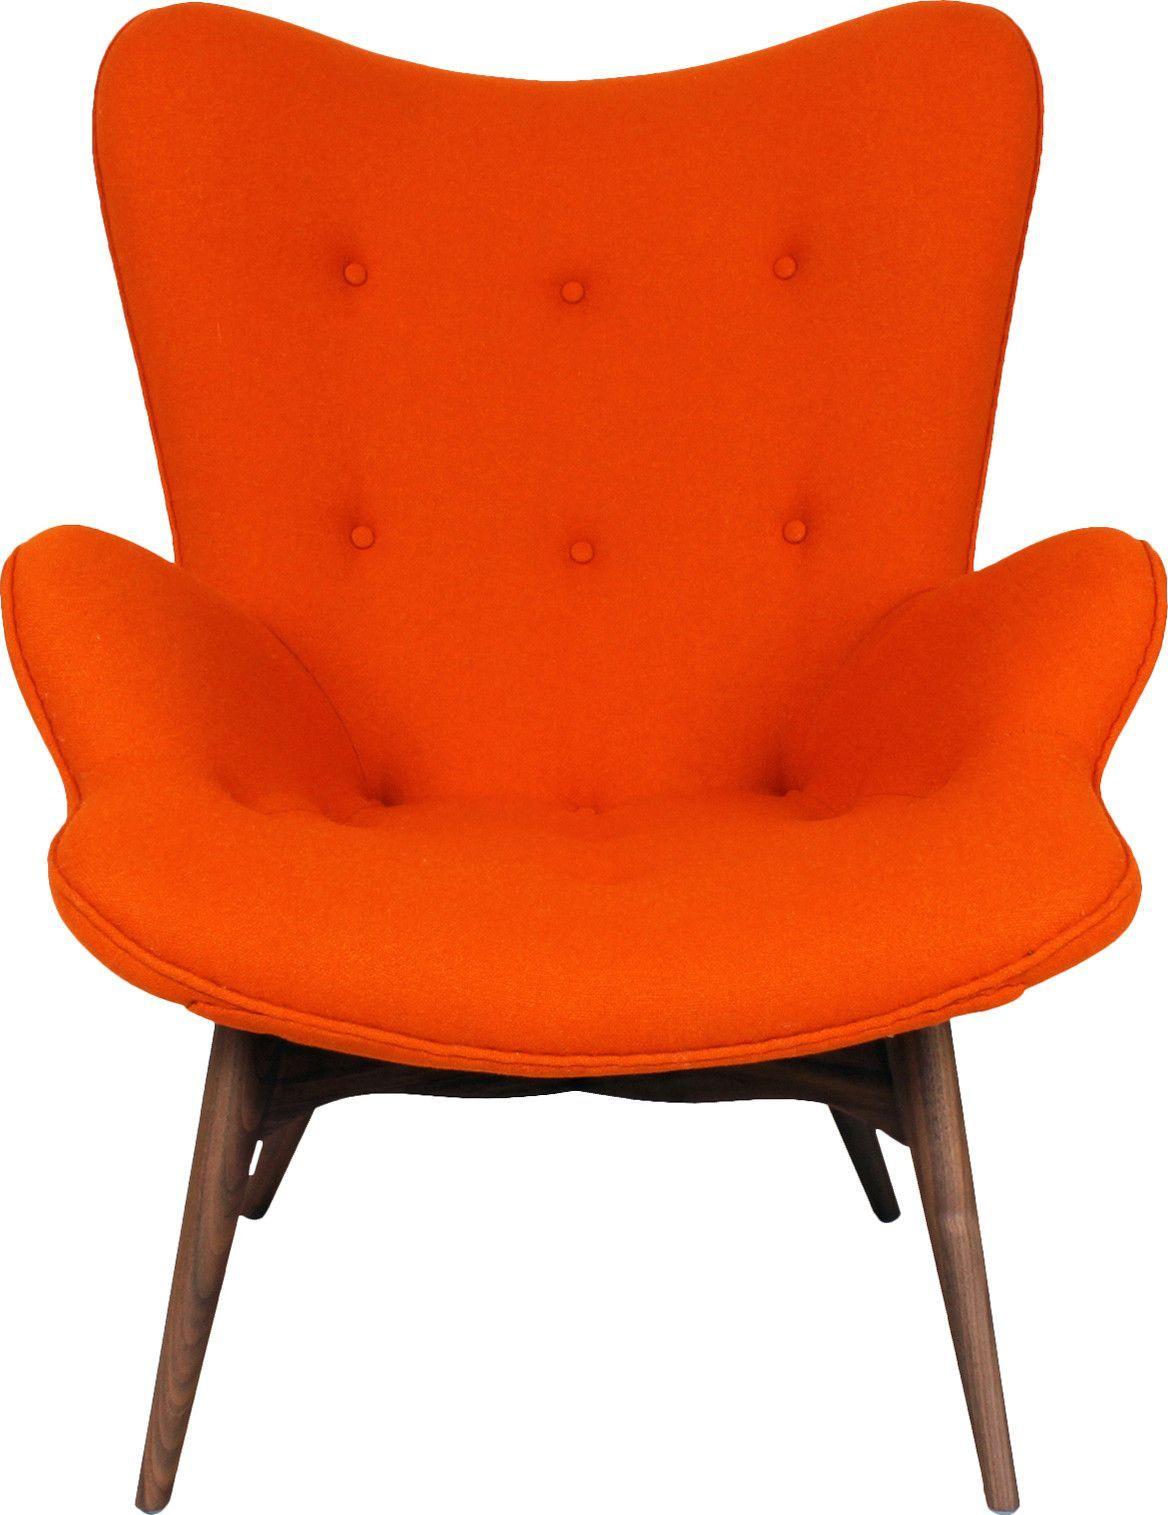 The Teddy Bear Armchair